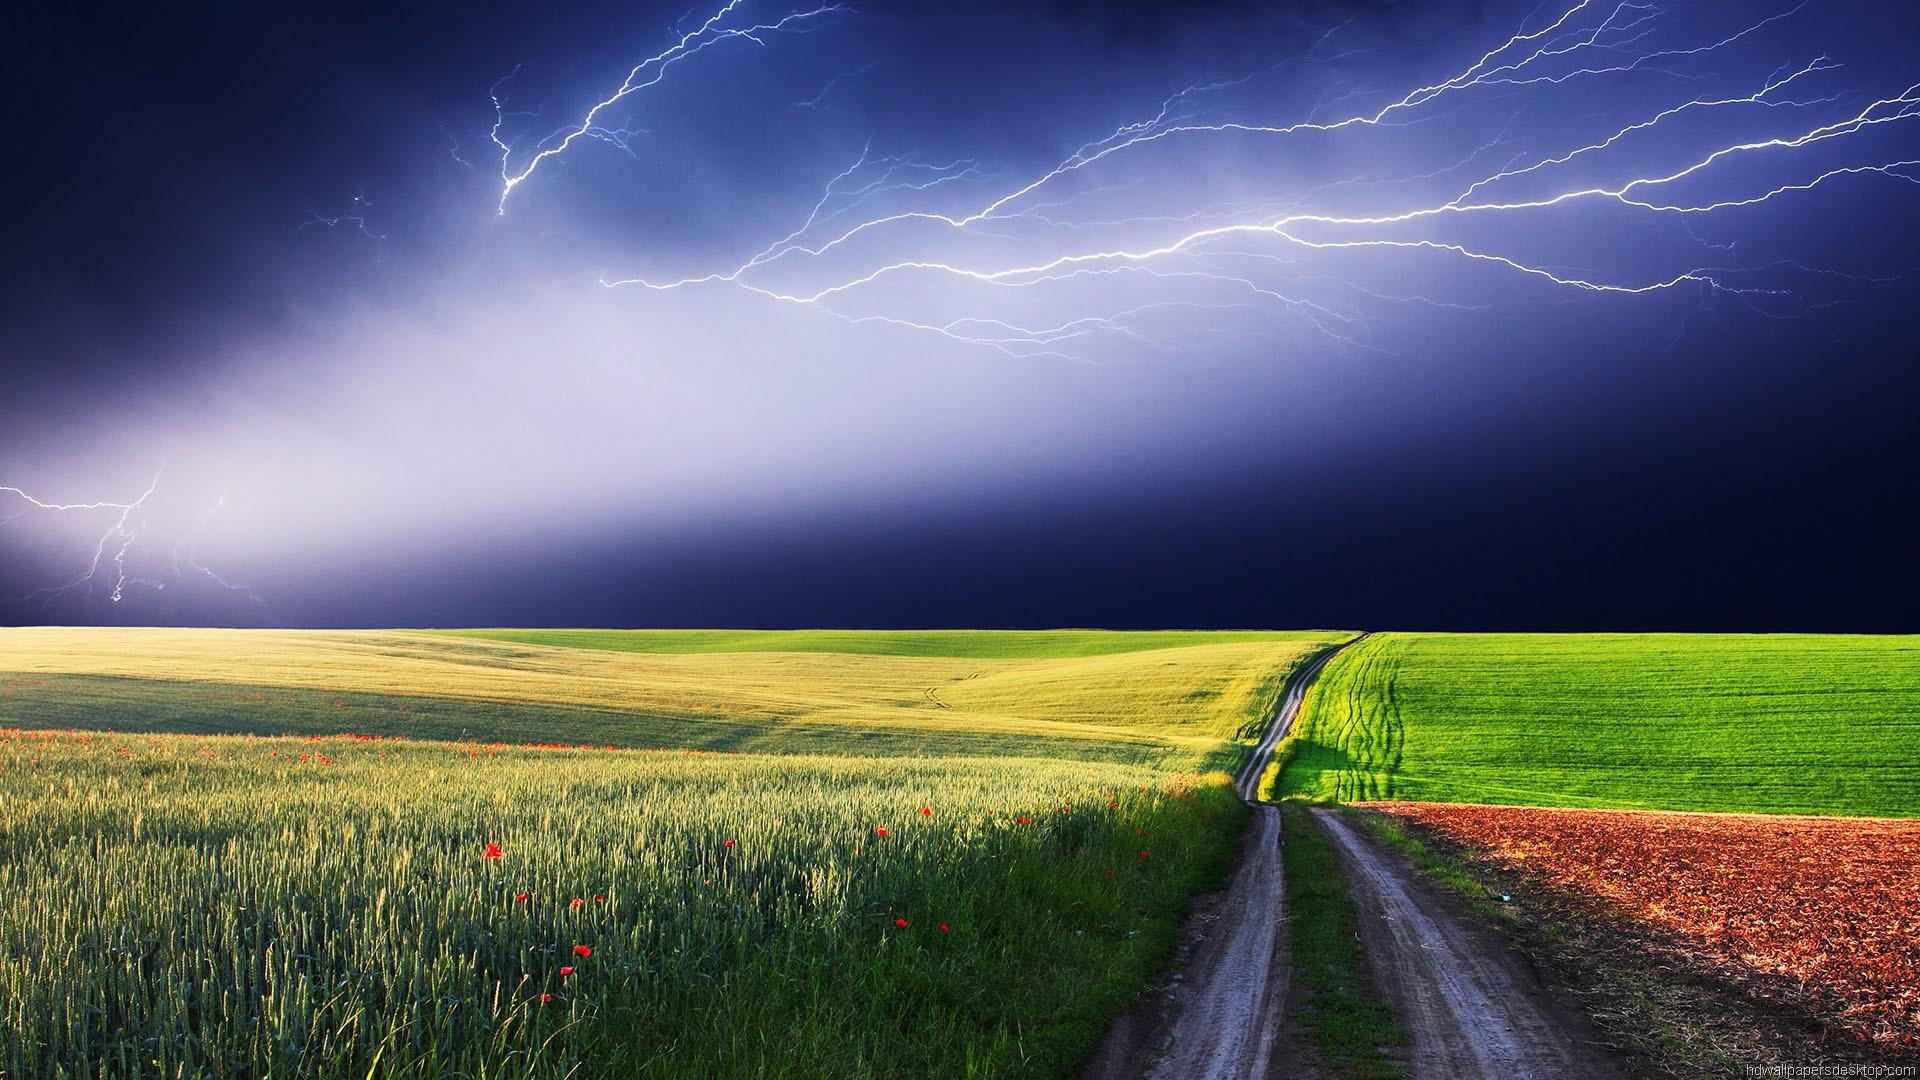 live weather wallpaper for desktop 55 images